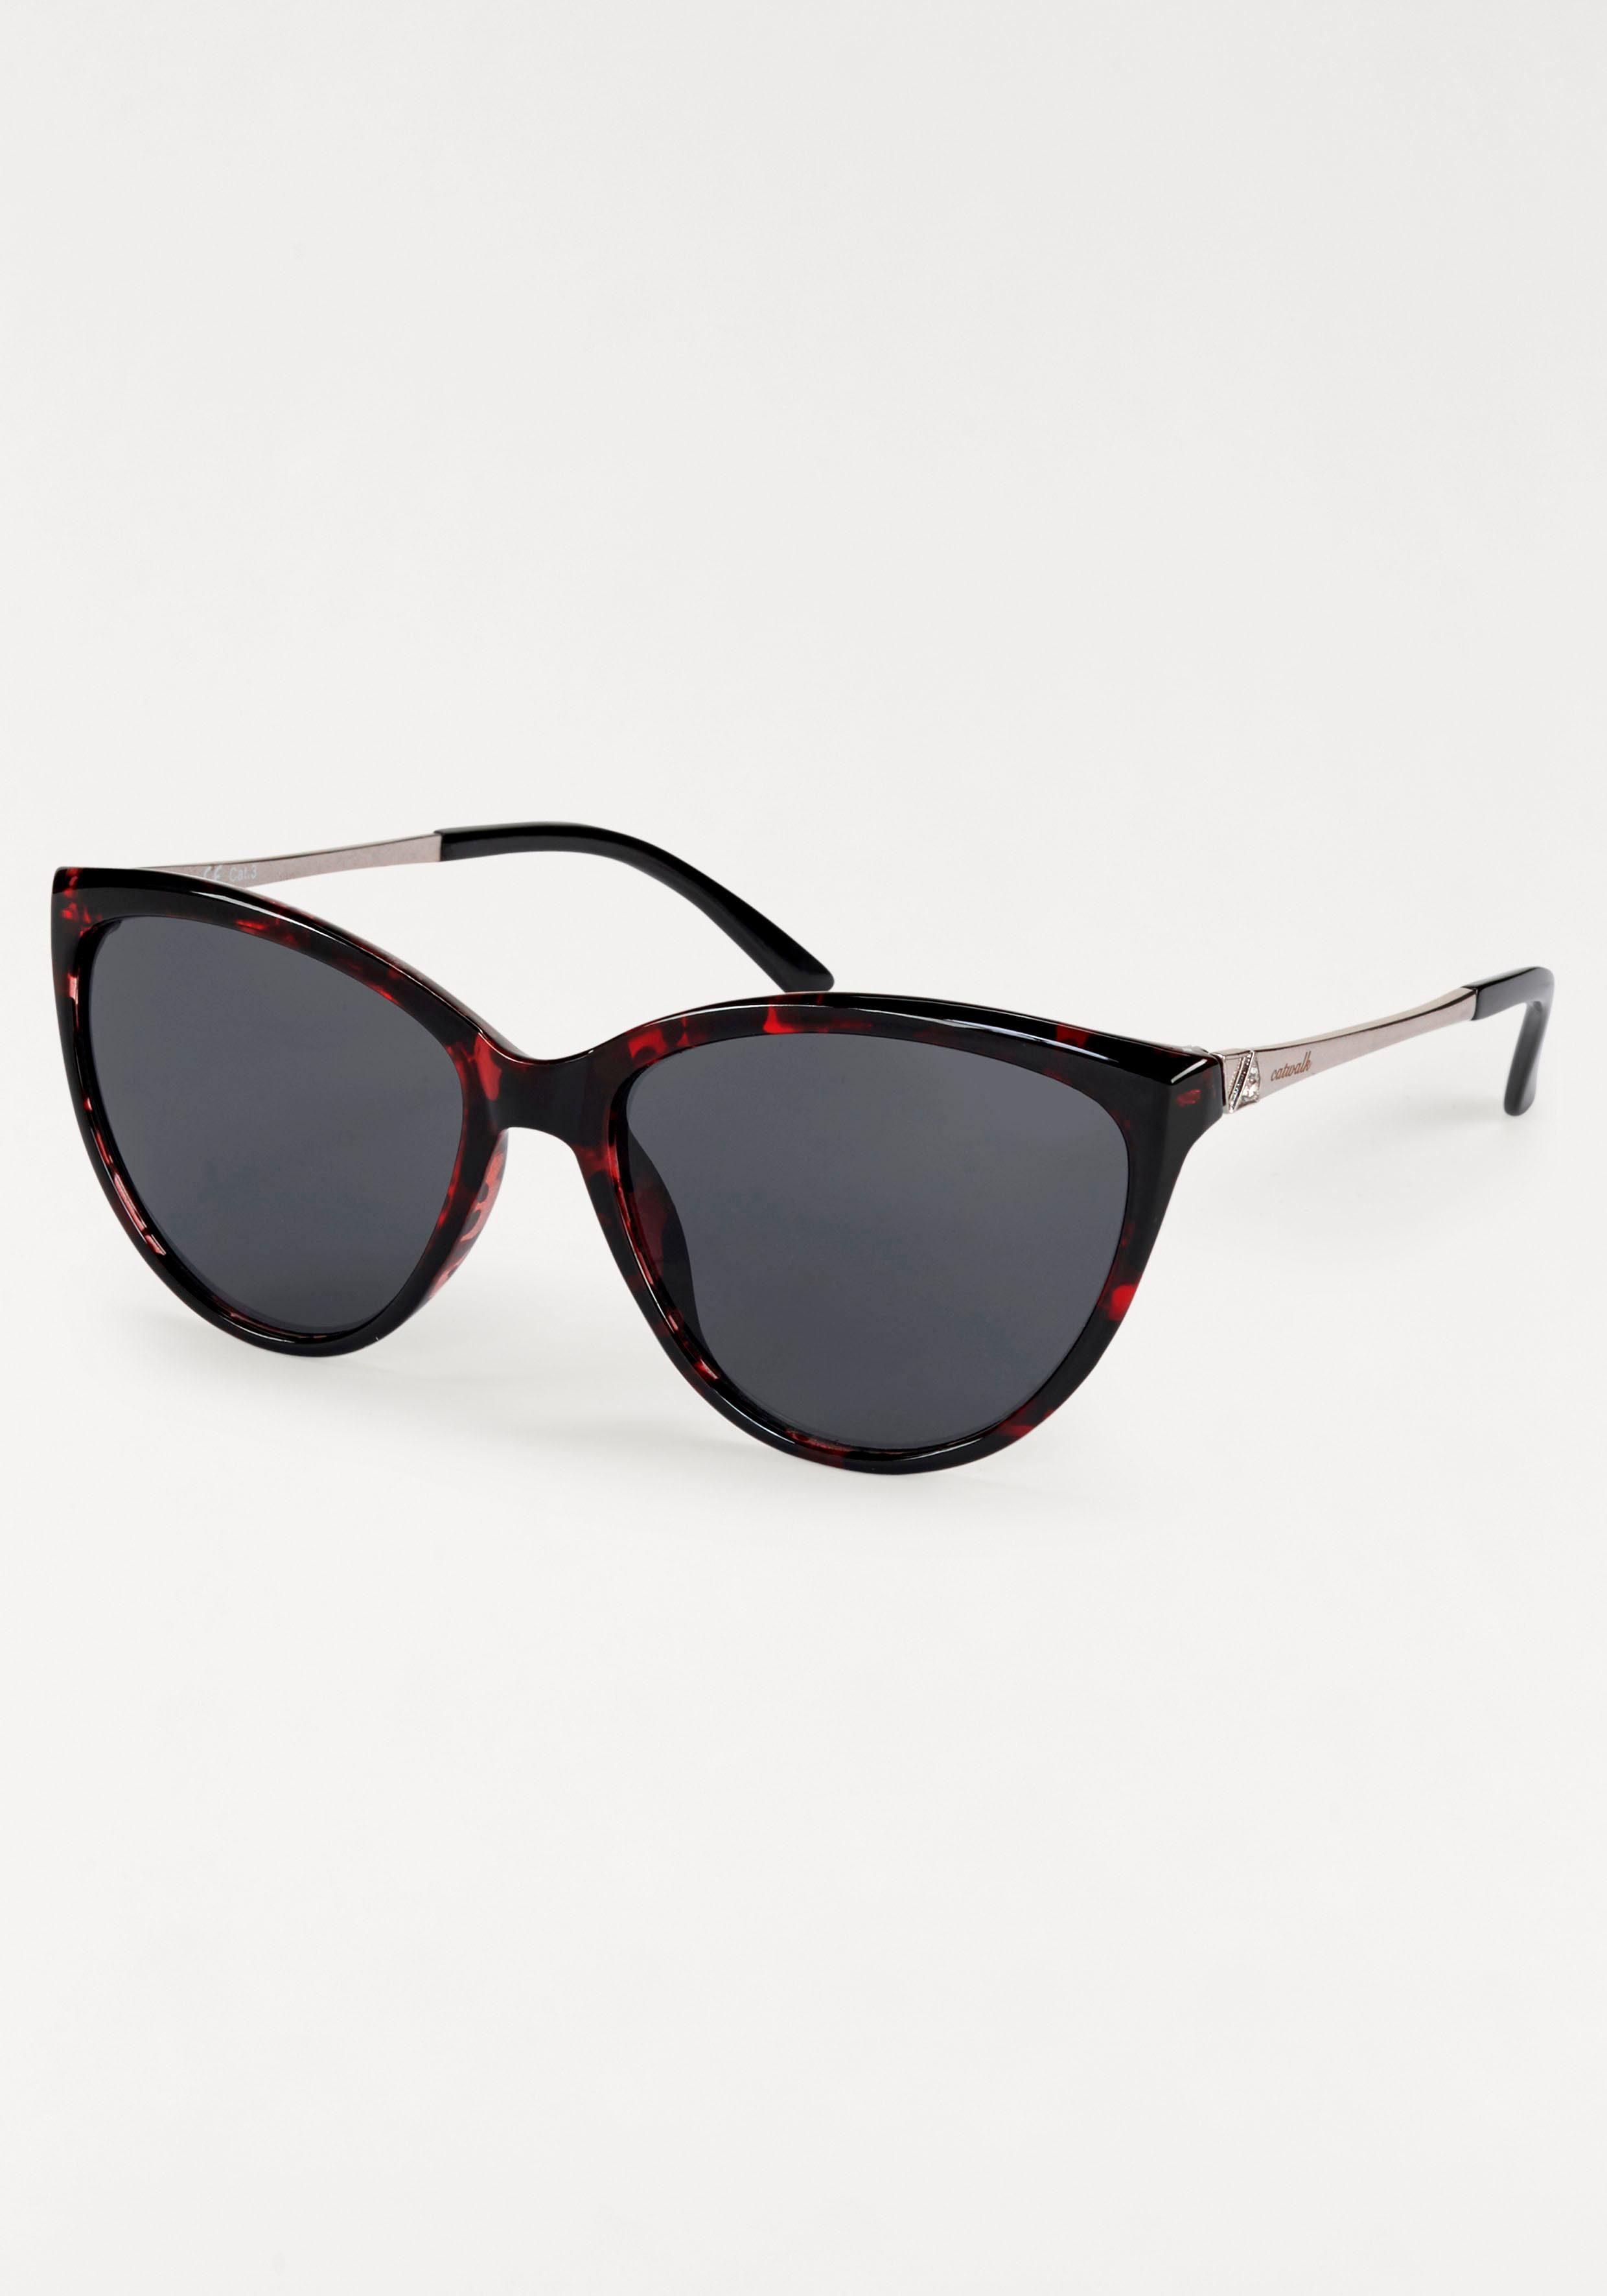 catwalk Eyewear Sonnenbrille im modischen Design